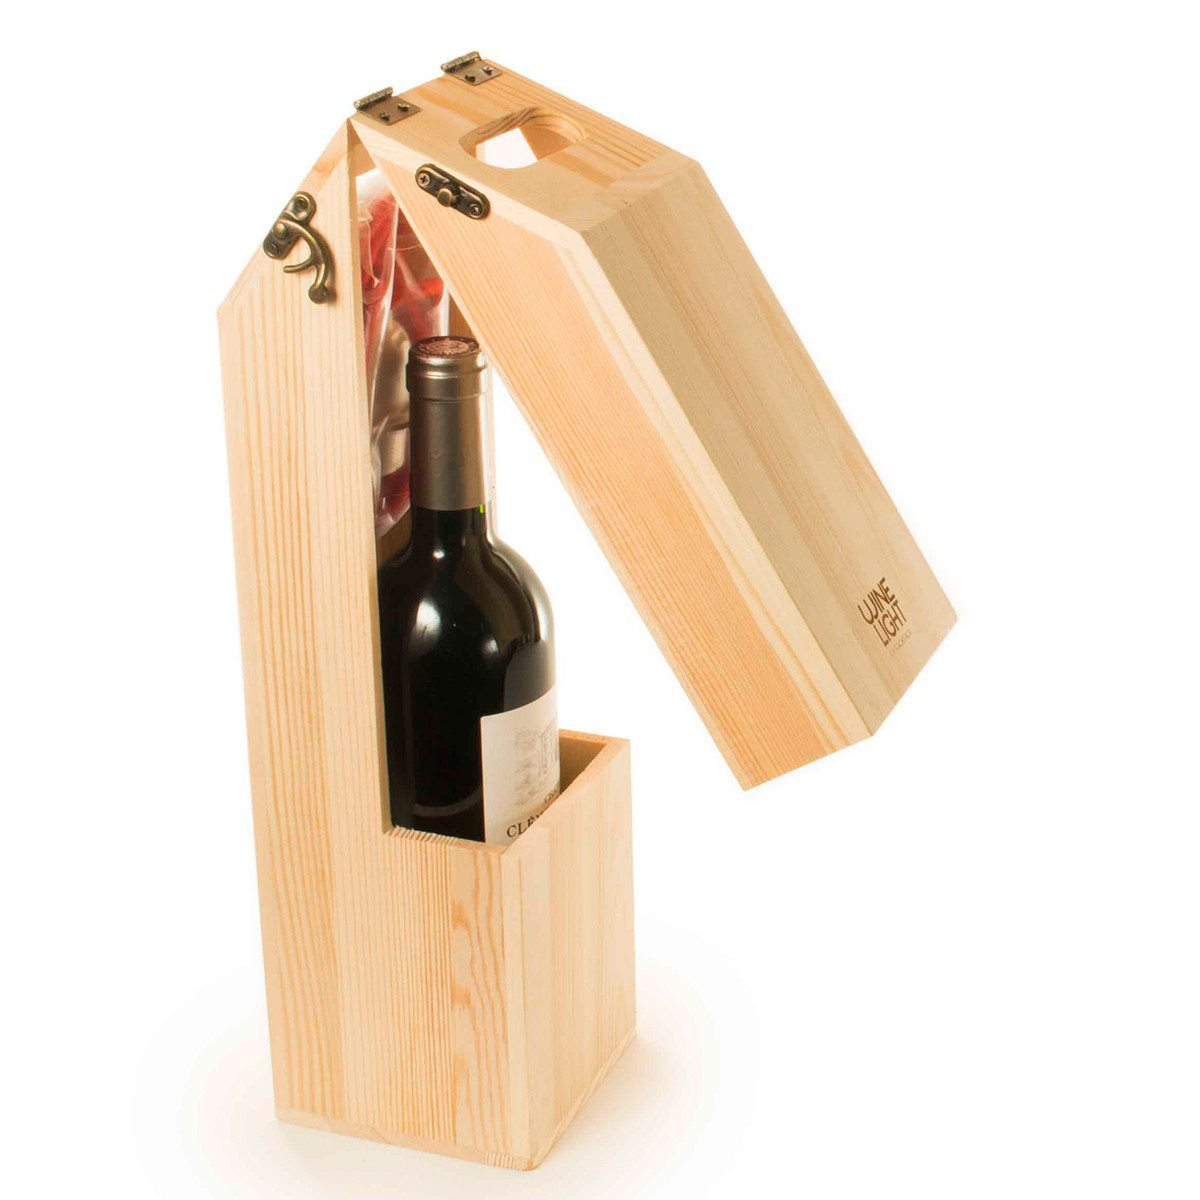 Caja de vino personalizable convertible en lámpara